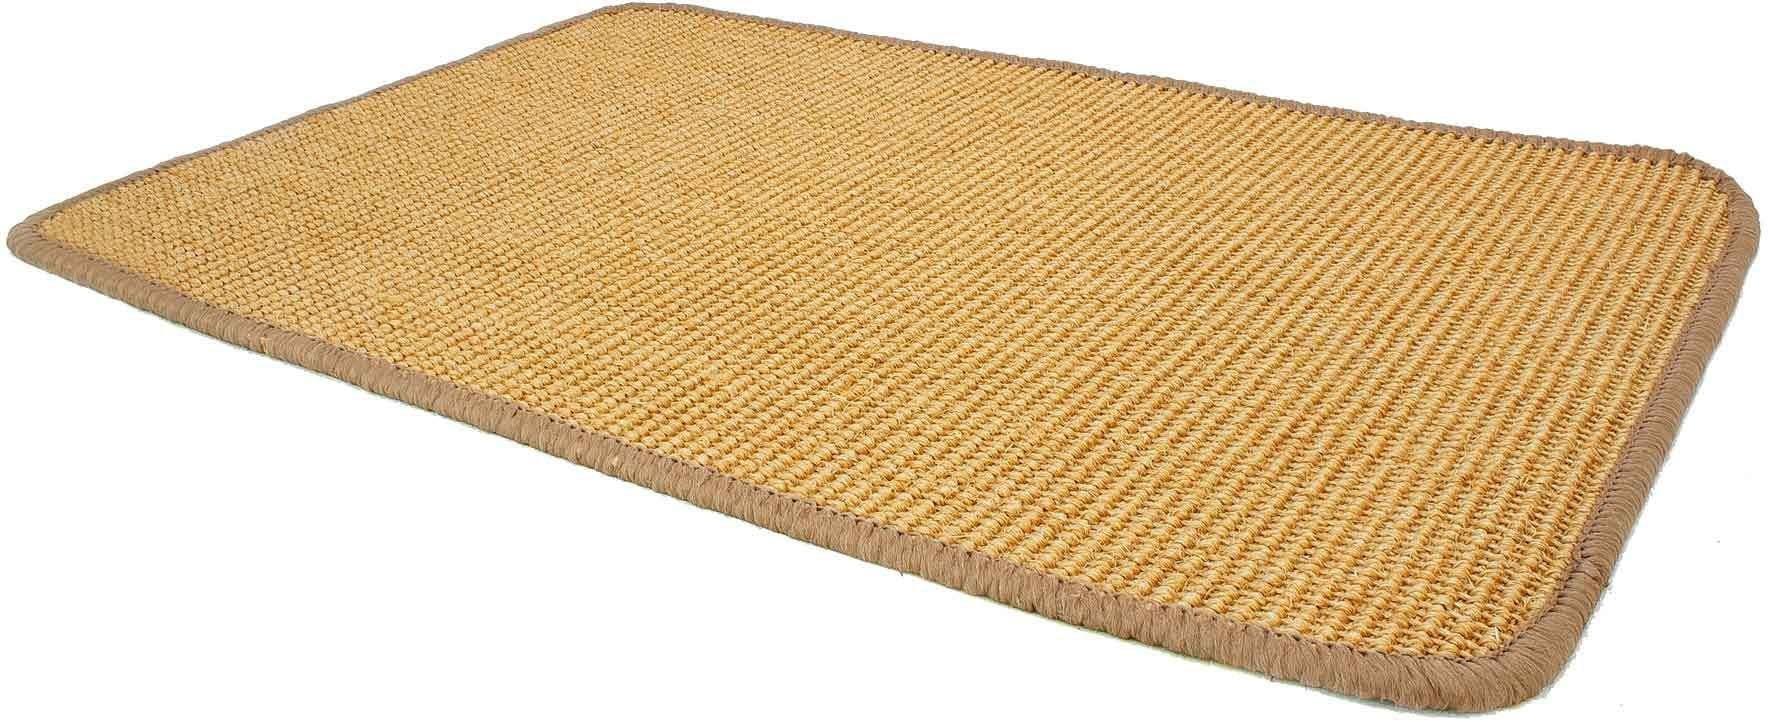 Sisalteppich SISALLUX Primaflor-Ideen in Textil rechteckig Höhe 6 mm maschinell gewebt